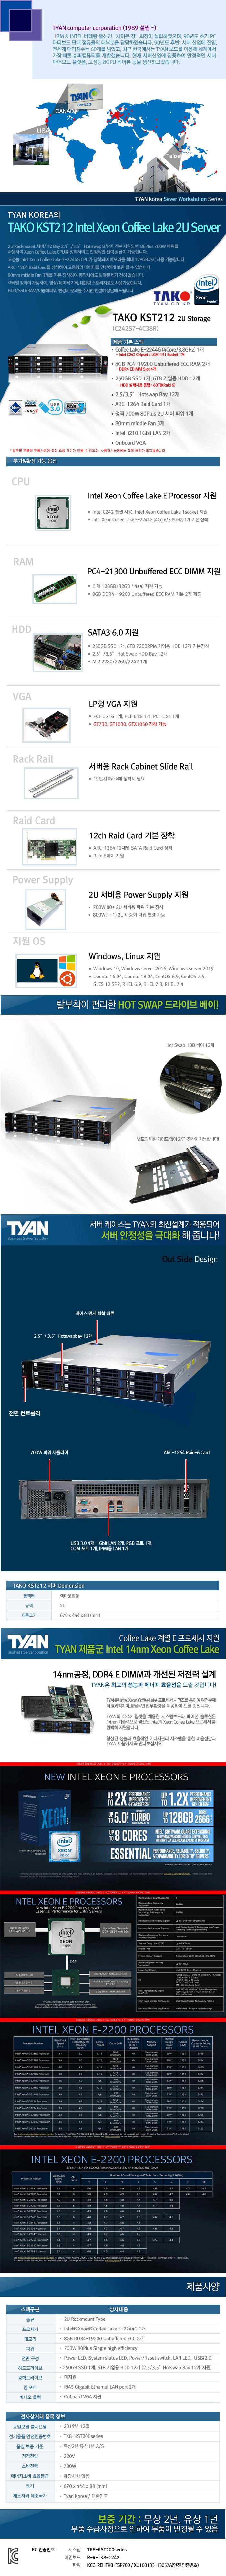 TYAN TAKO-KST212-(C242S7-4C38R) (16GB, SSD 250GB + 60TB)